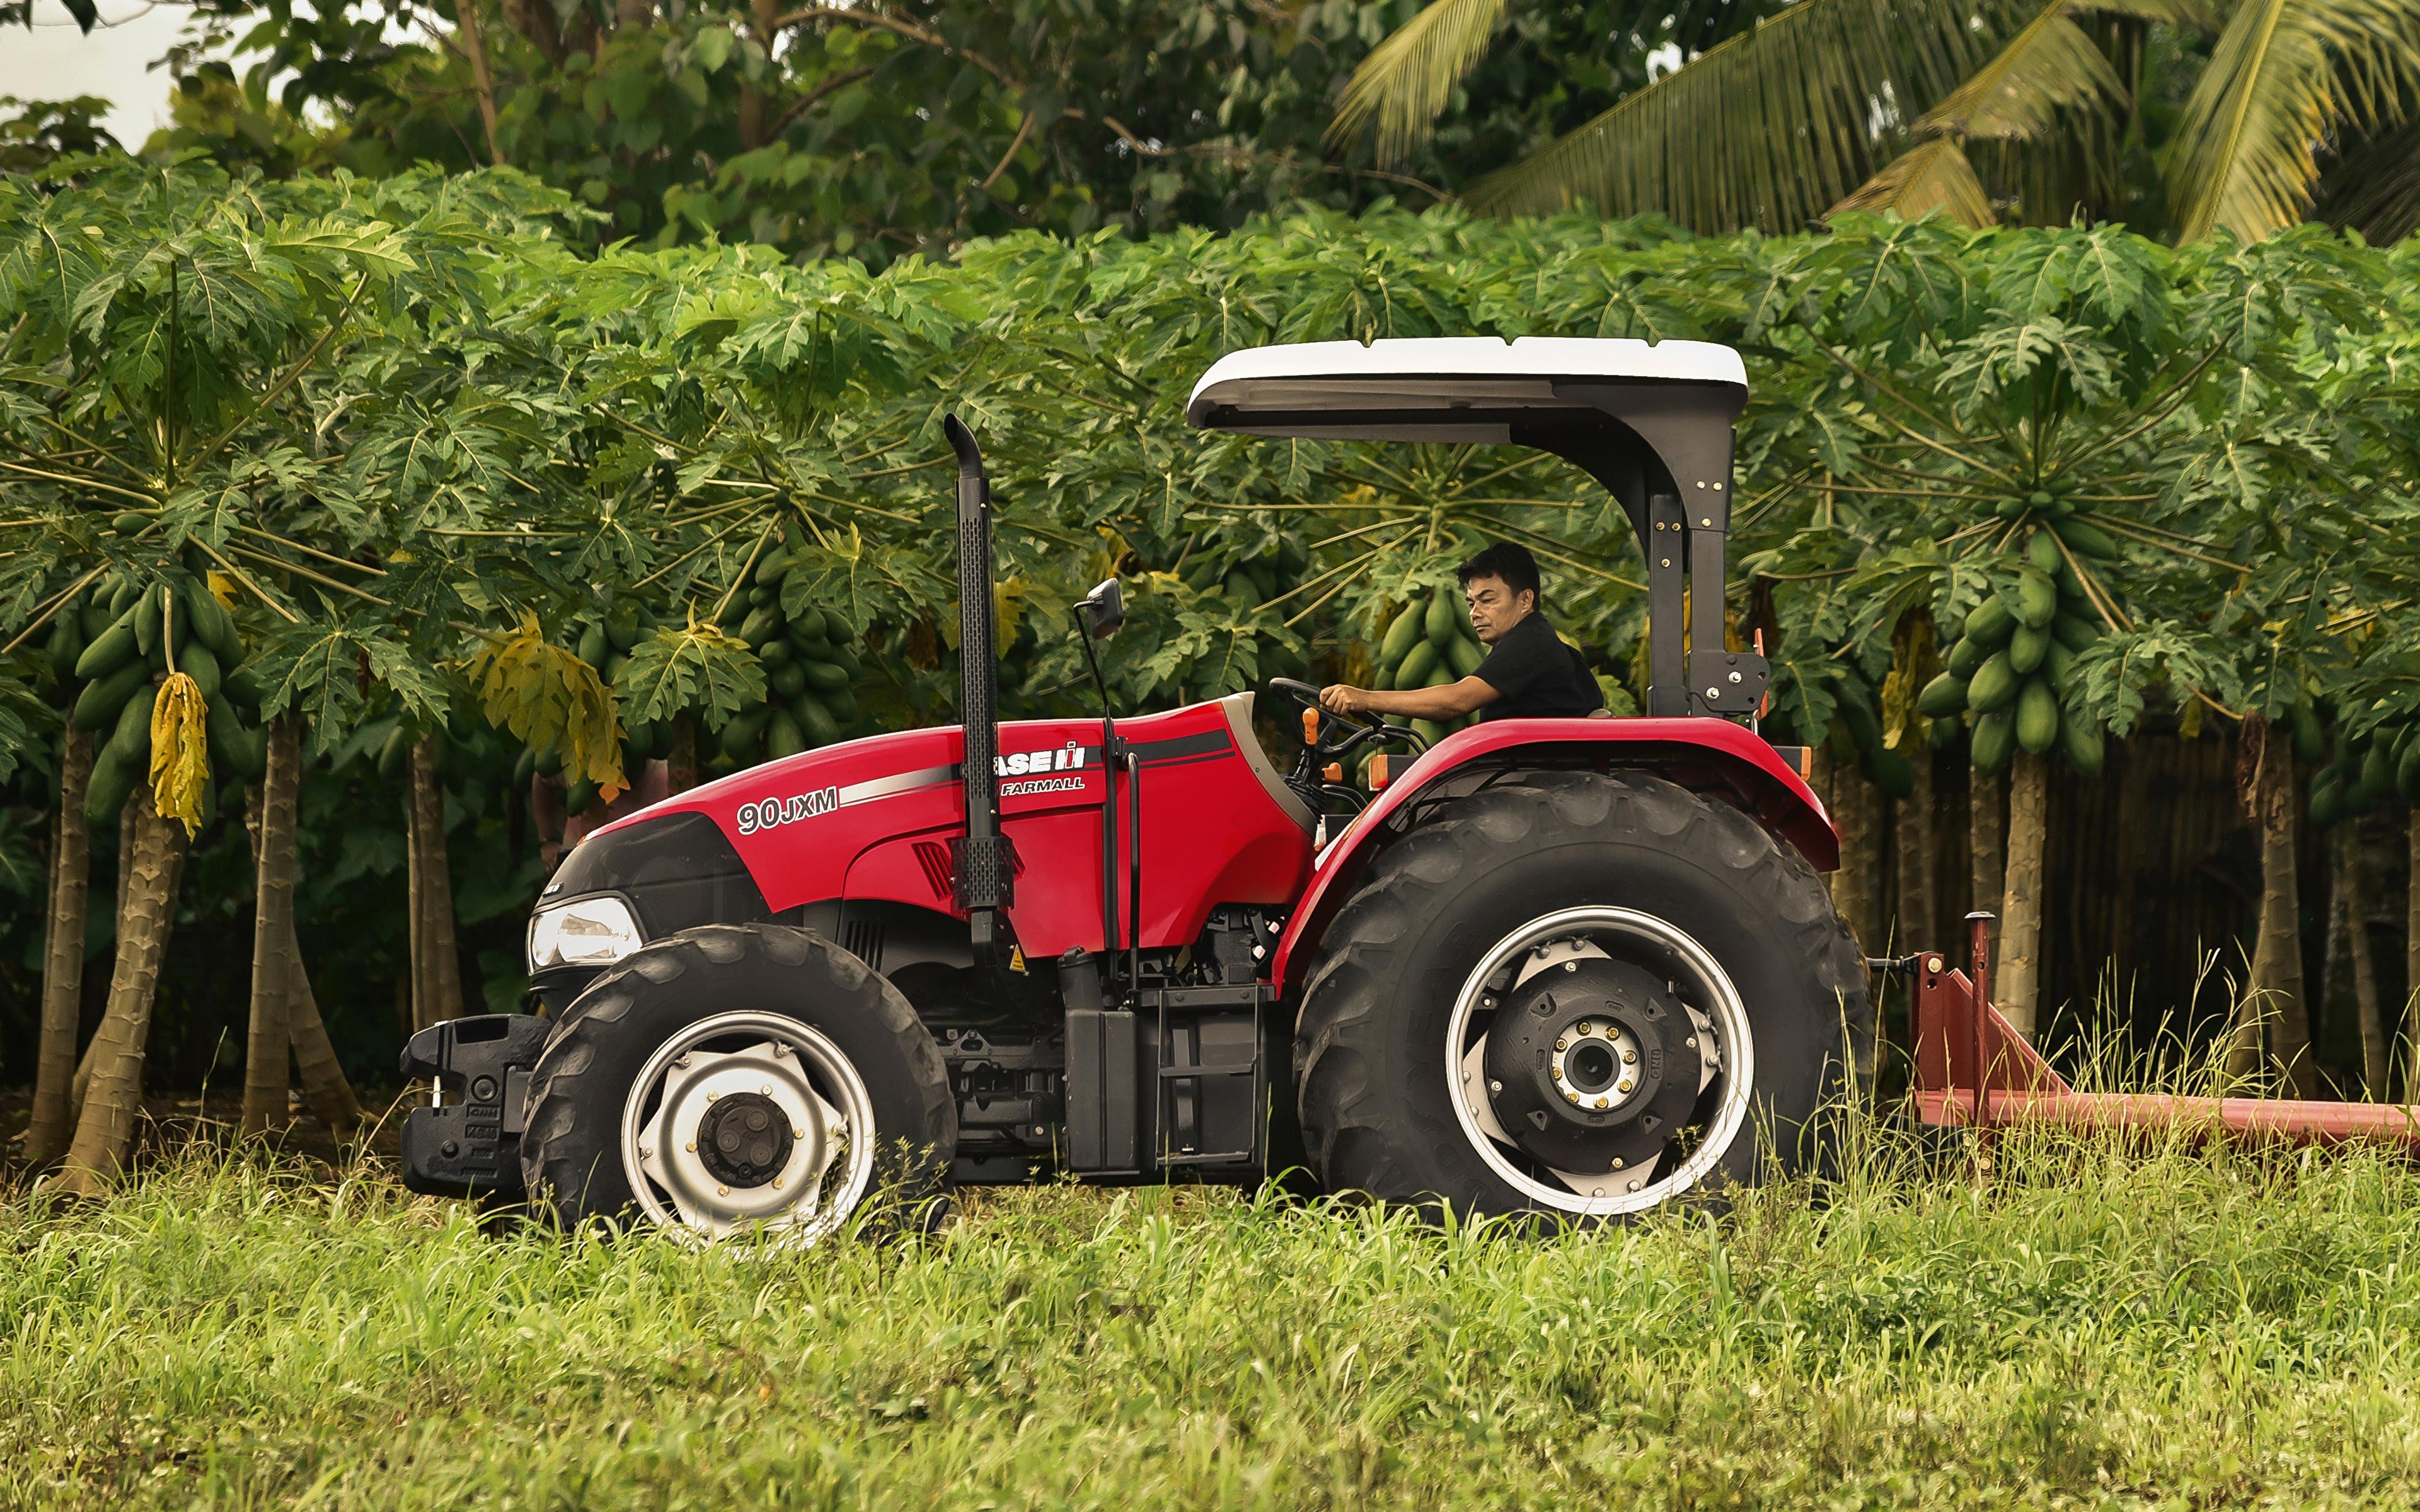 Картинка Сельскохозяйственная техника трактора 2015-19 Case IH Farmall 90JXM Сбоку 3840x2400 Трактор тракторы